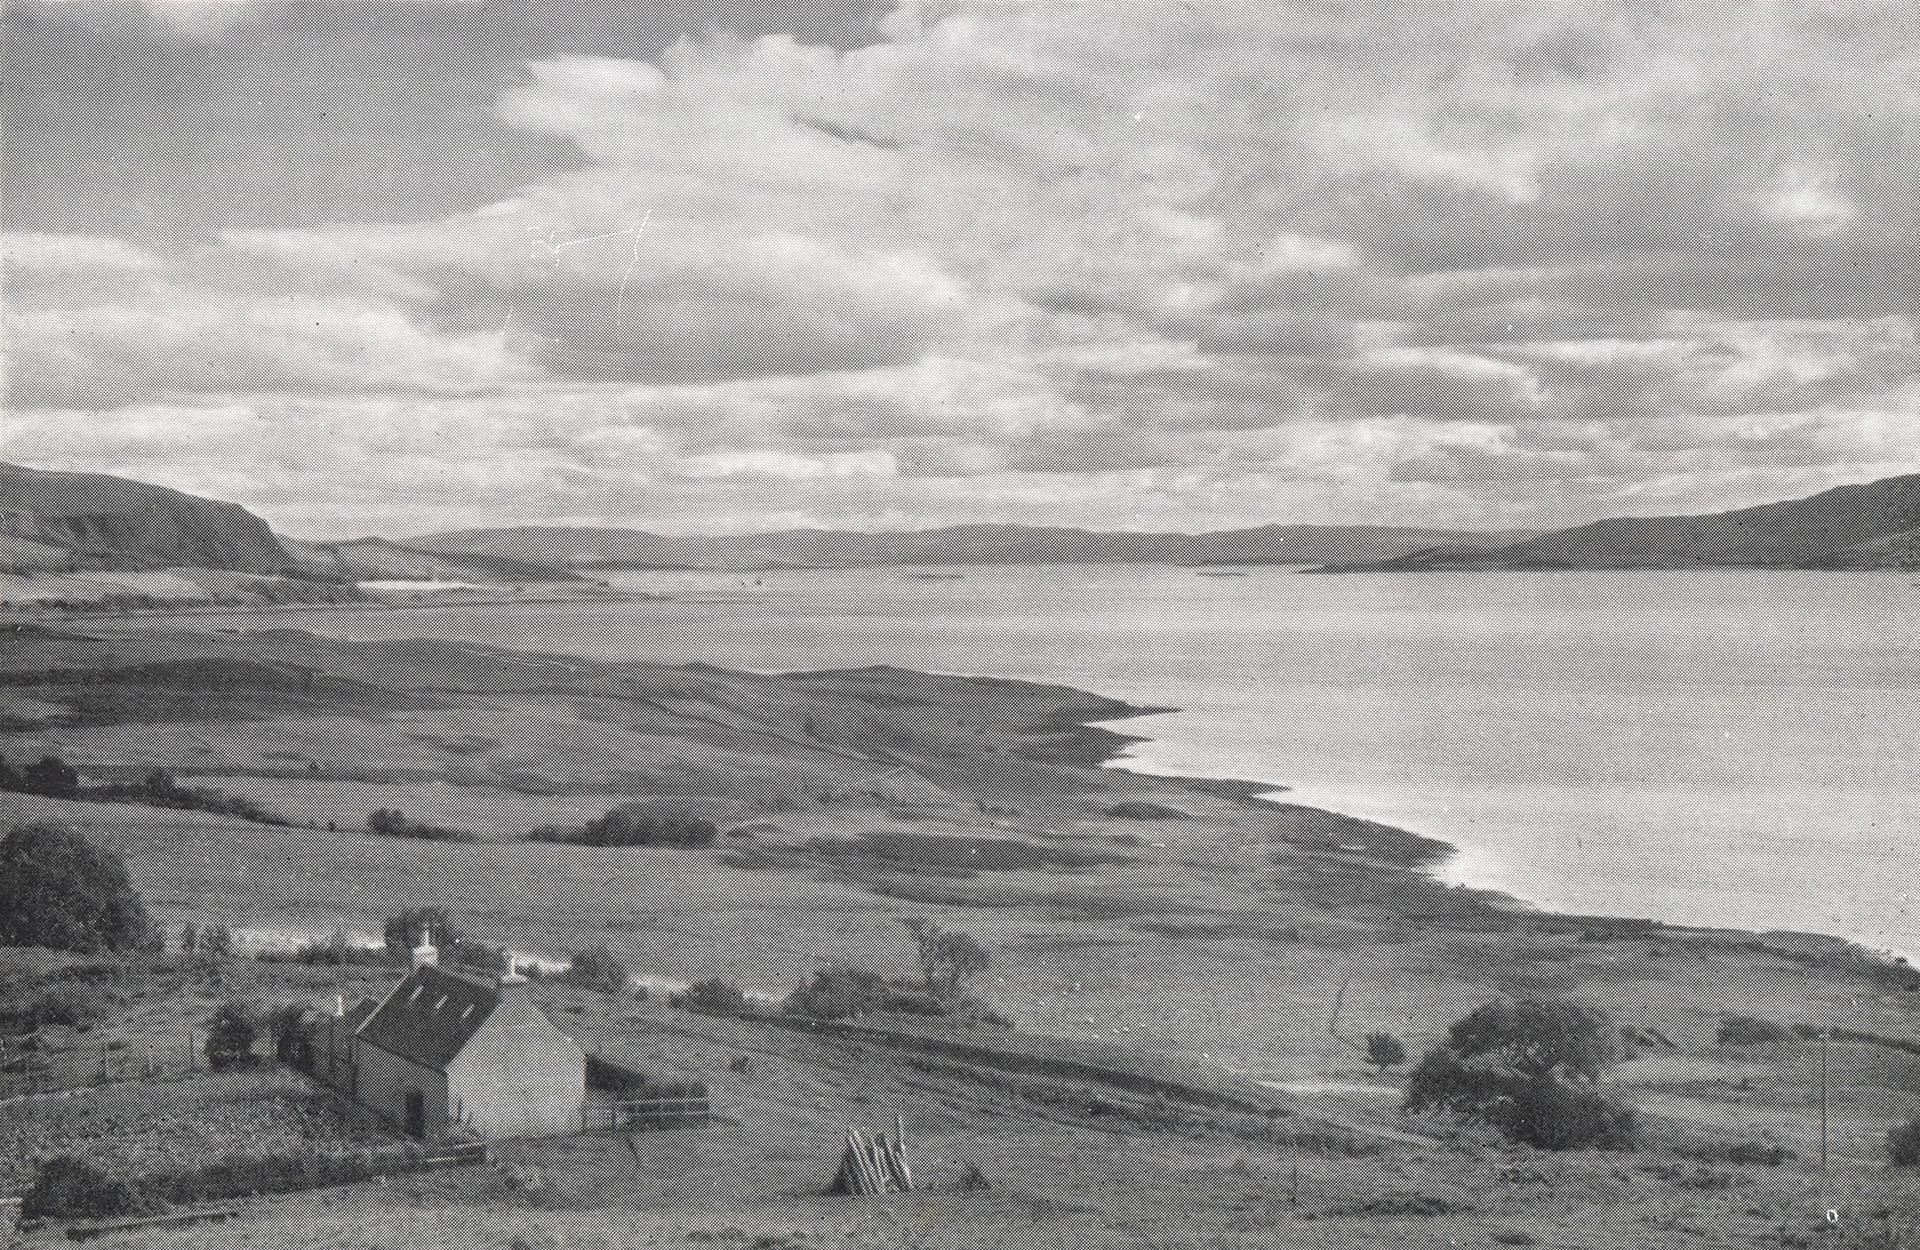 1950s - William S. Thomson